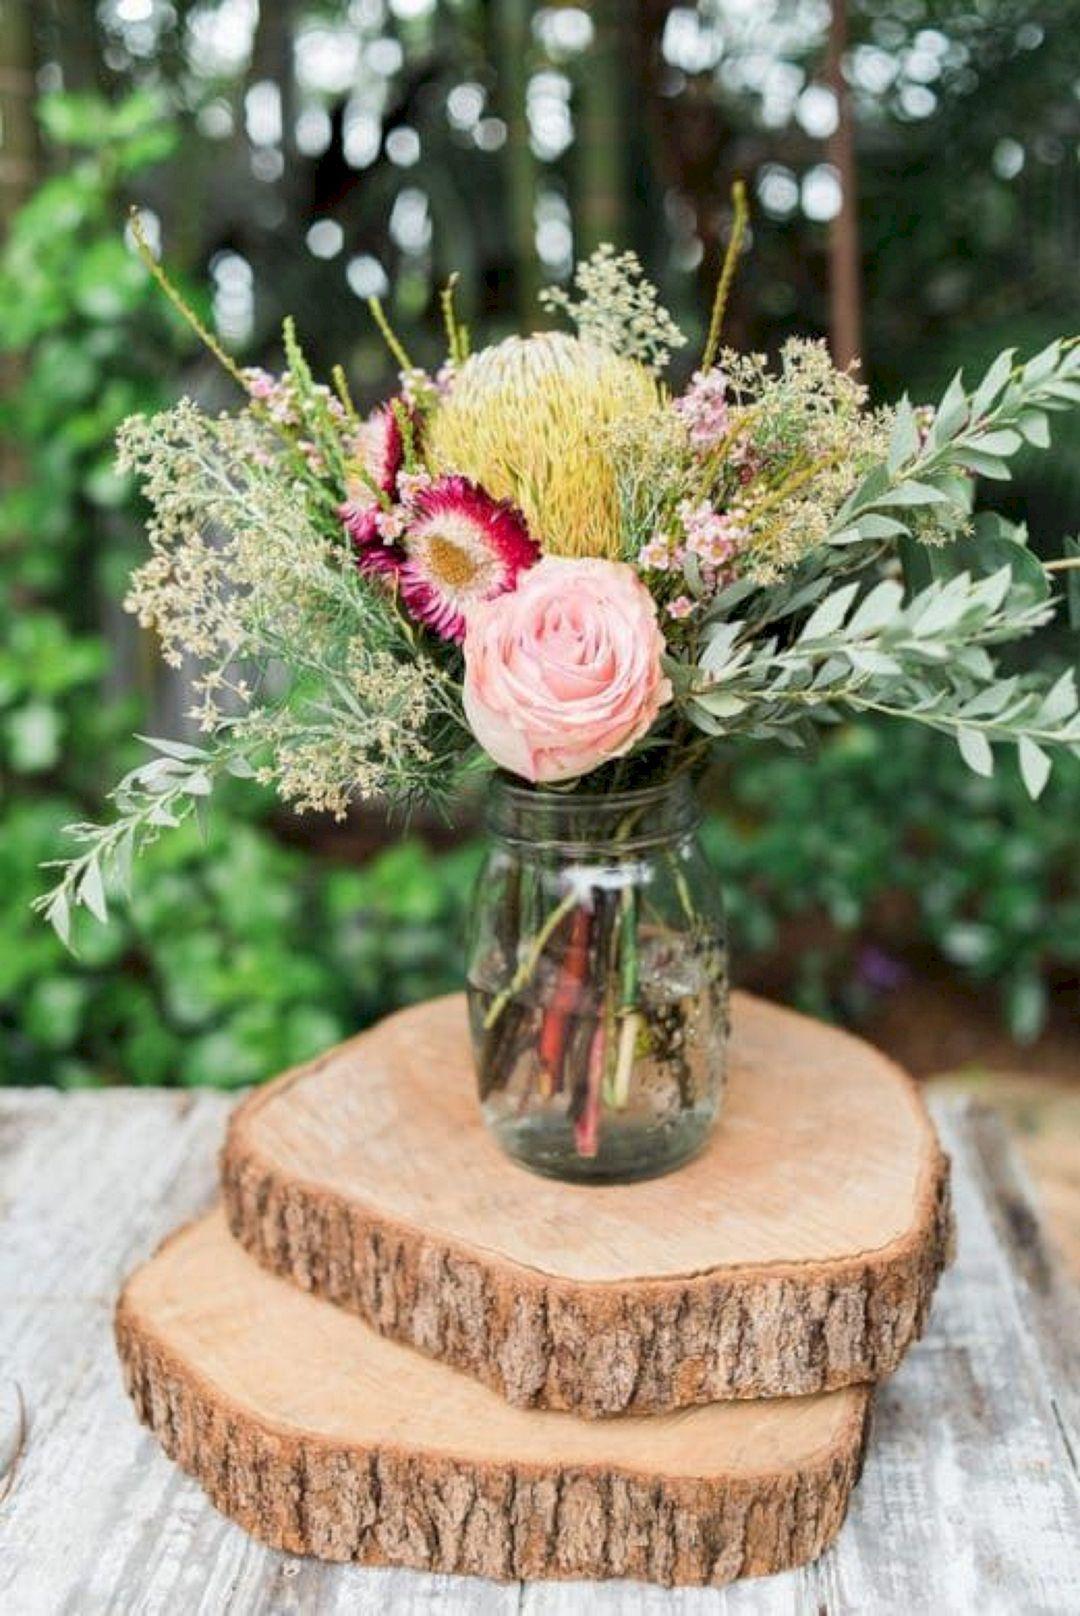 diy creative rustic chic wedding centerpieces ideas wedding